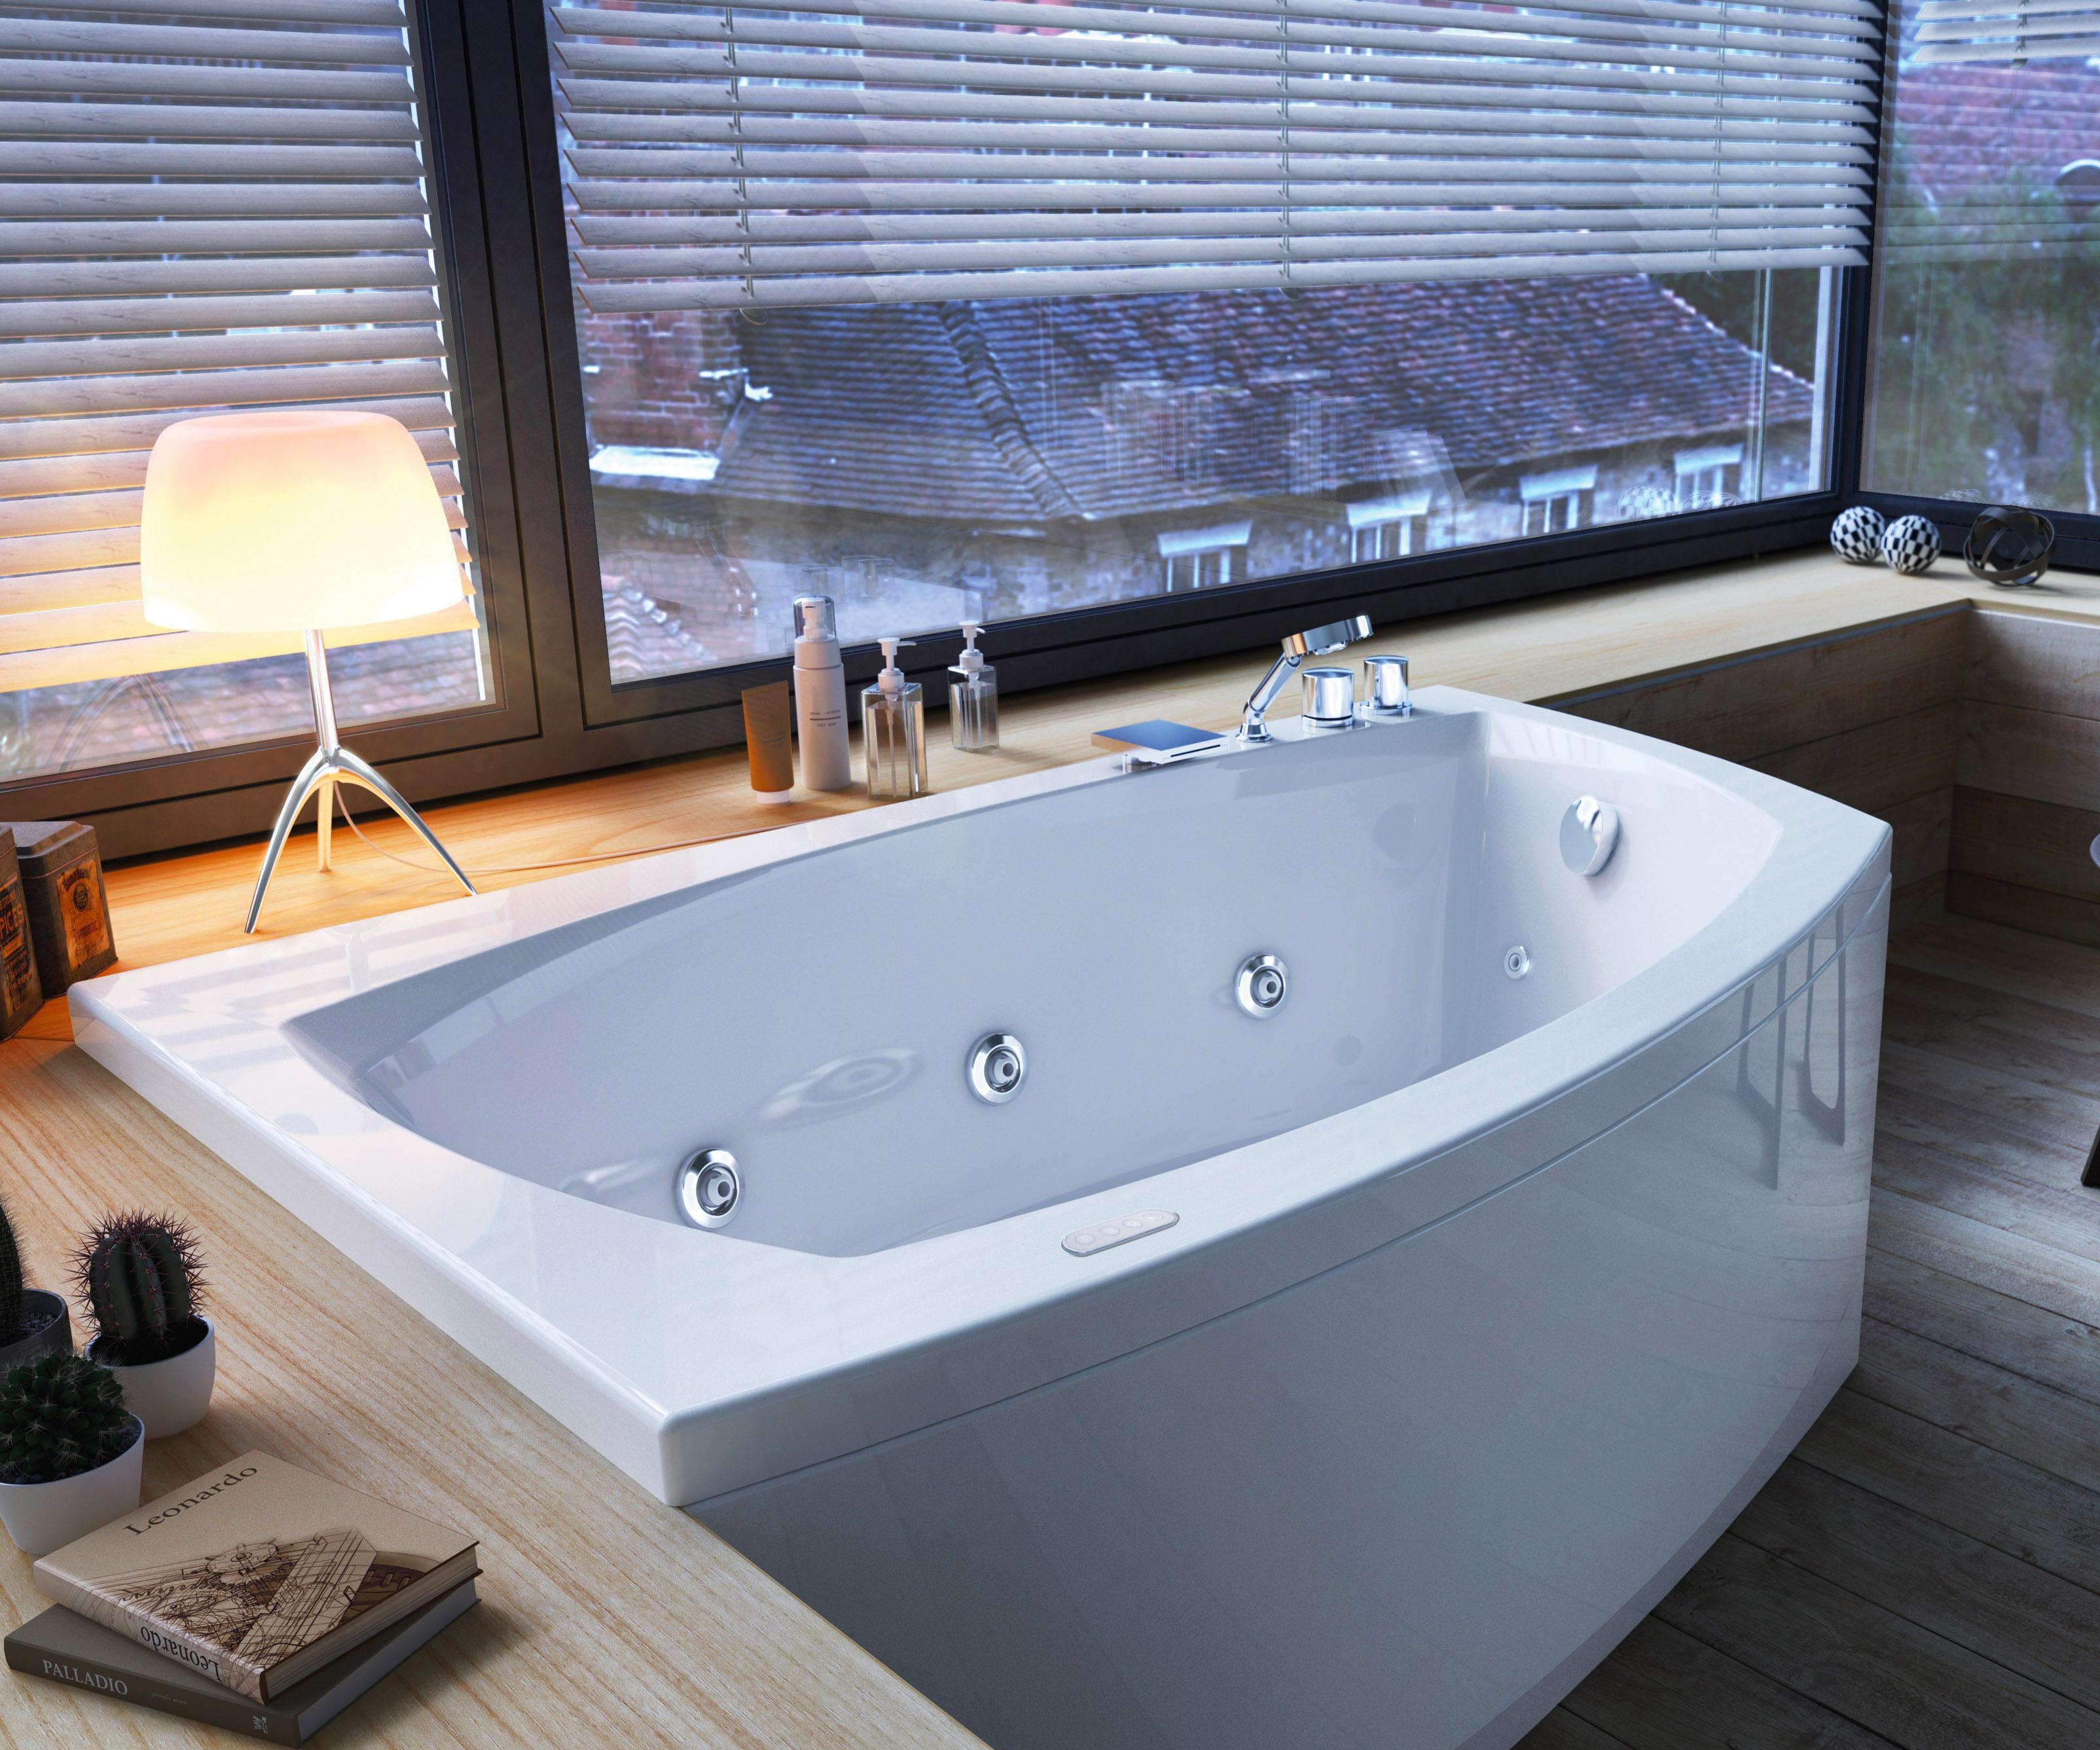 Fancy Big Bath Tubs Festooning - Bathtub Design Ideas - klotsnet.com